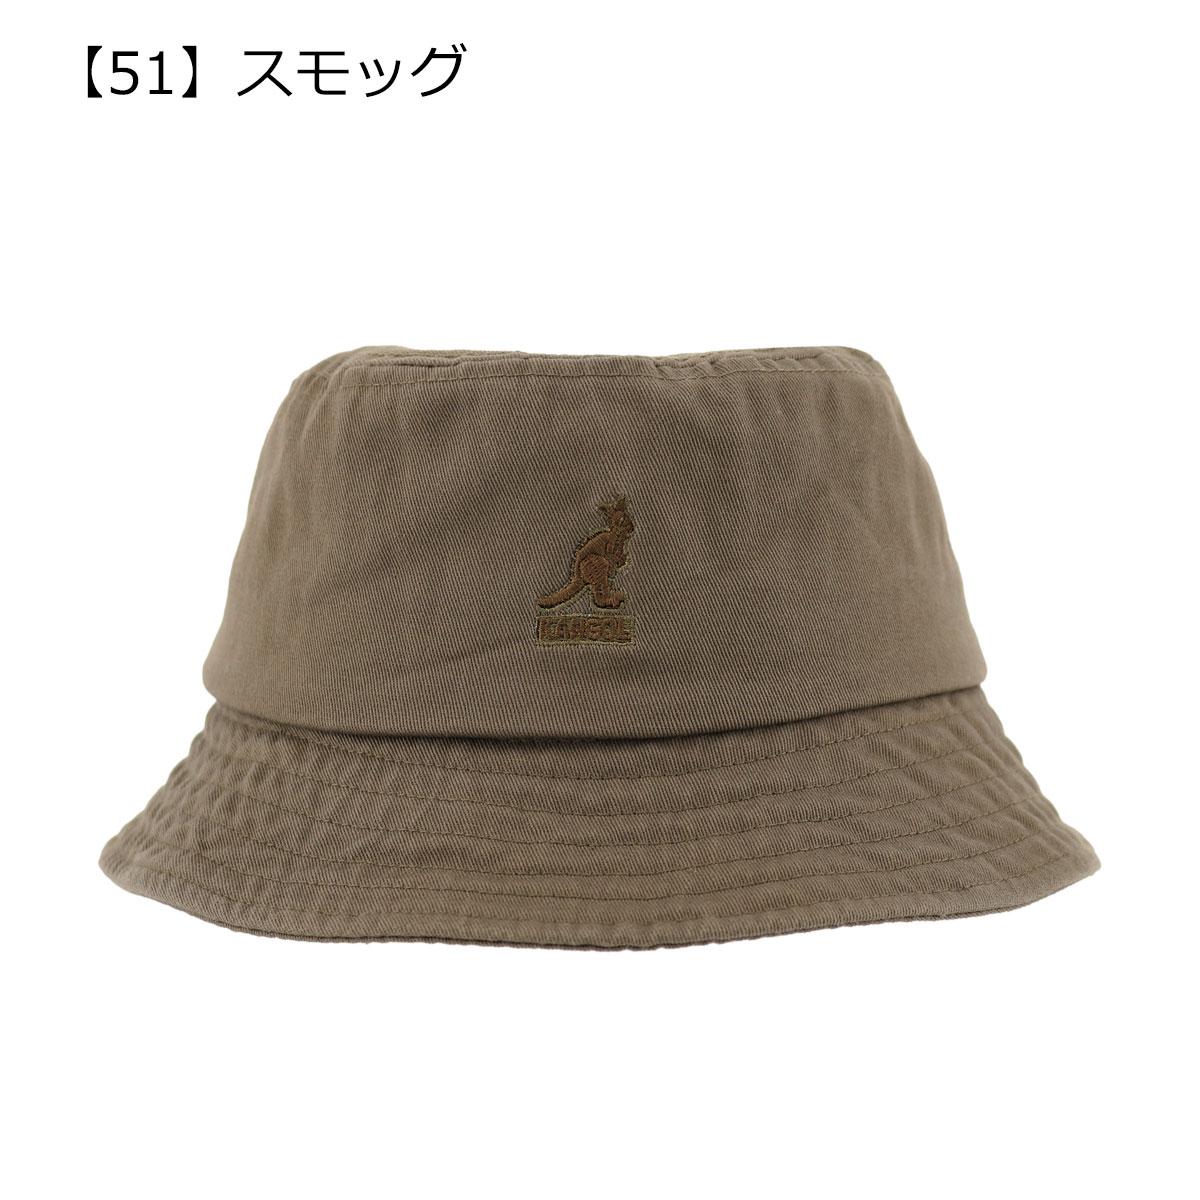 【51】スモッグ